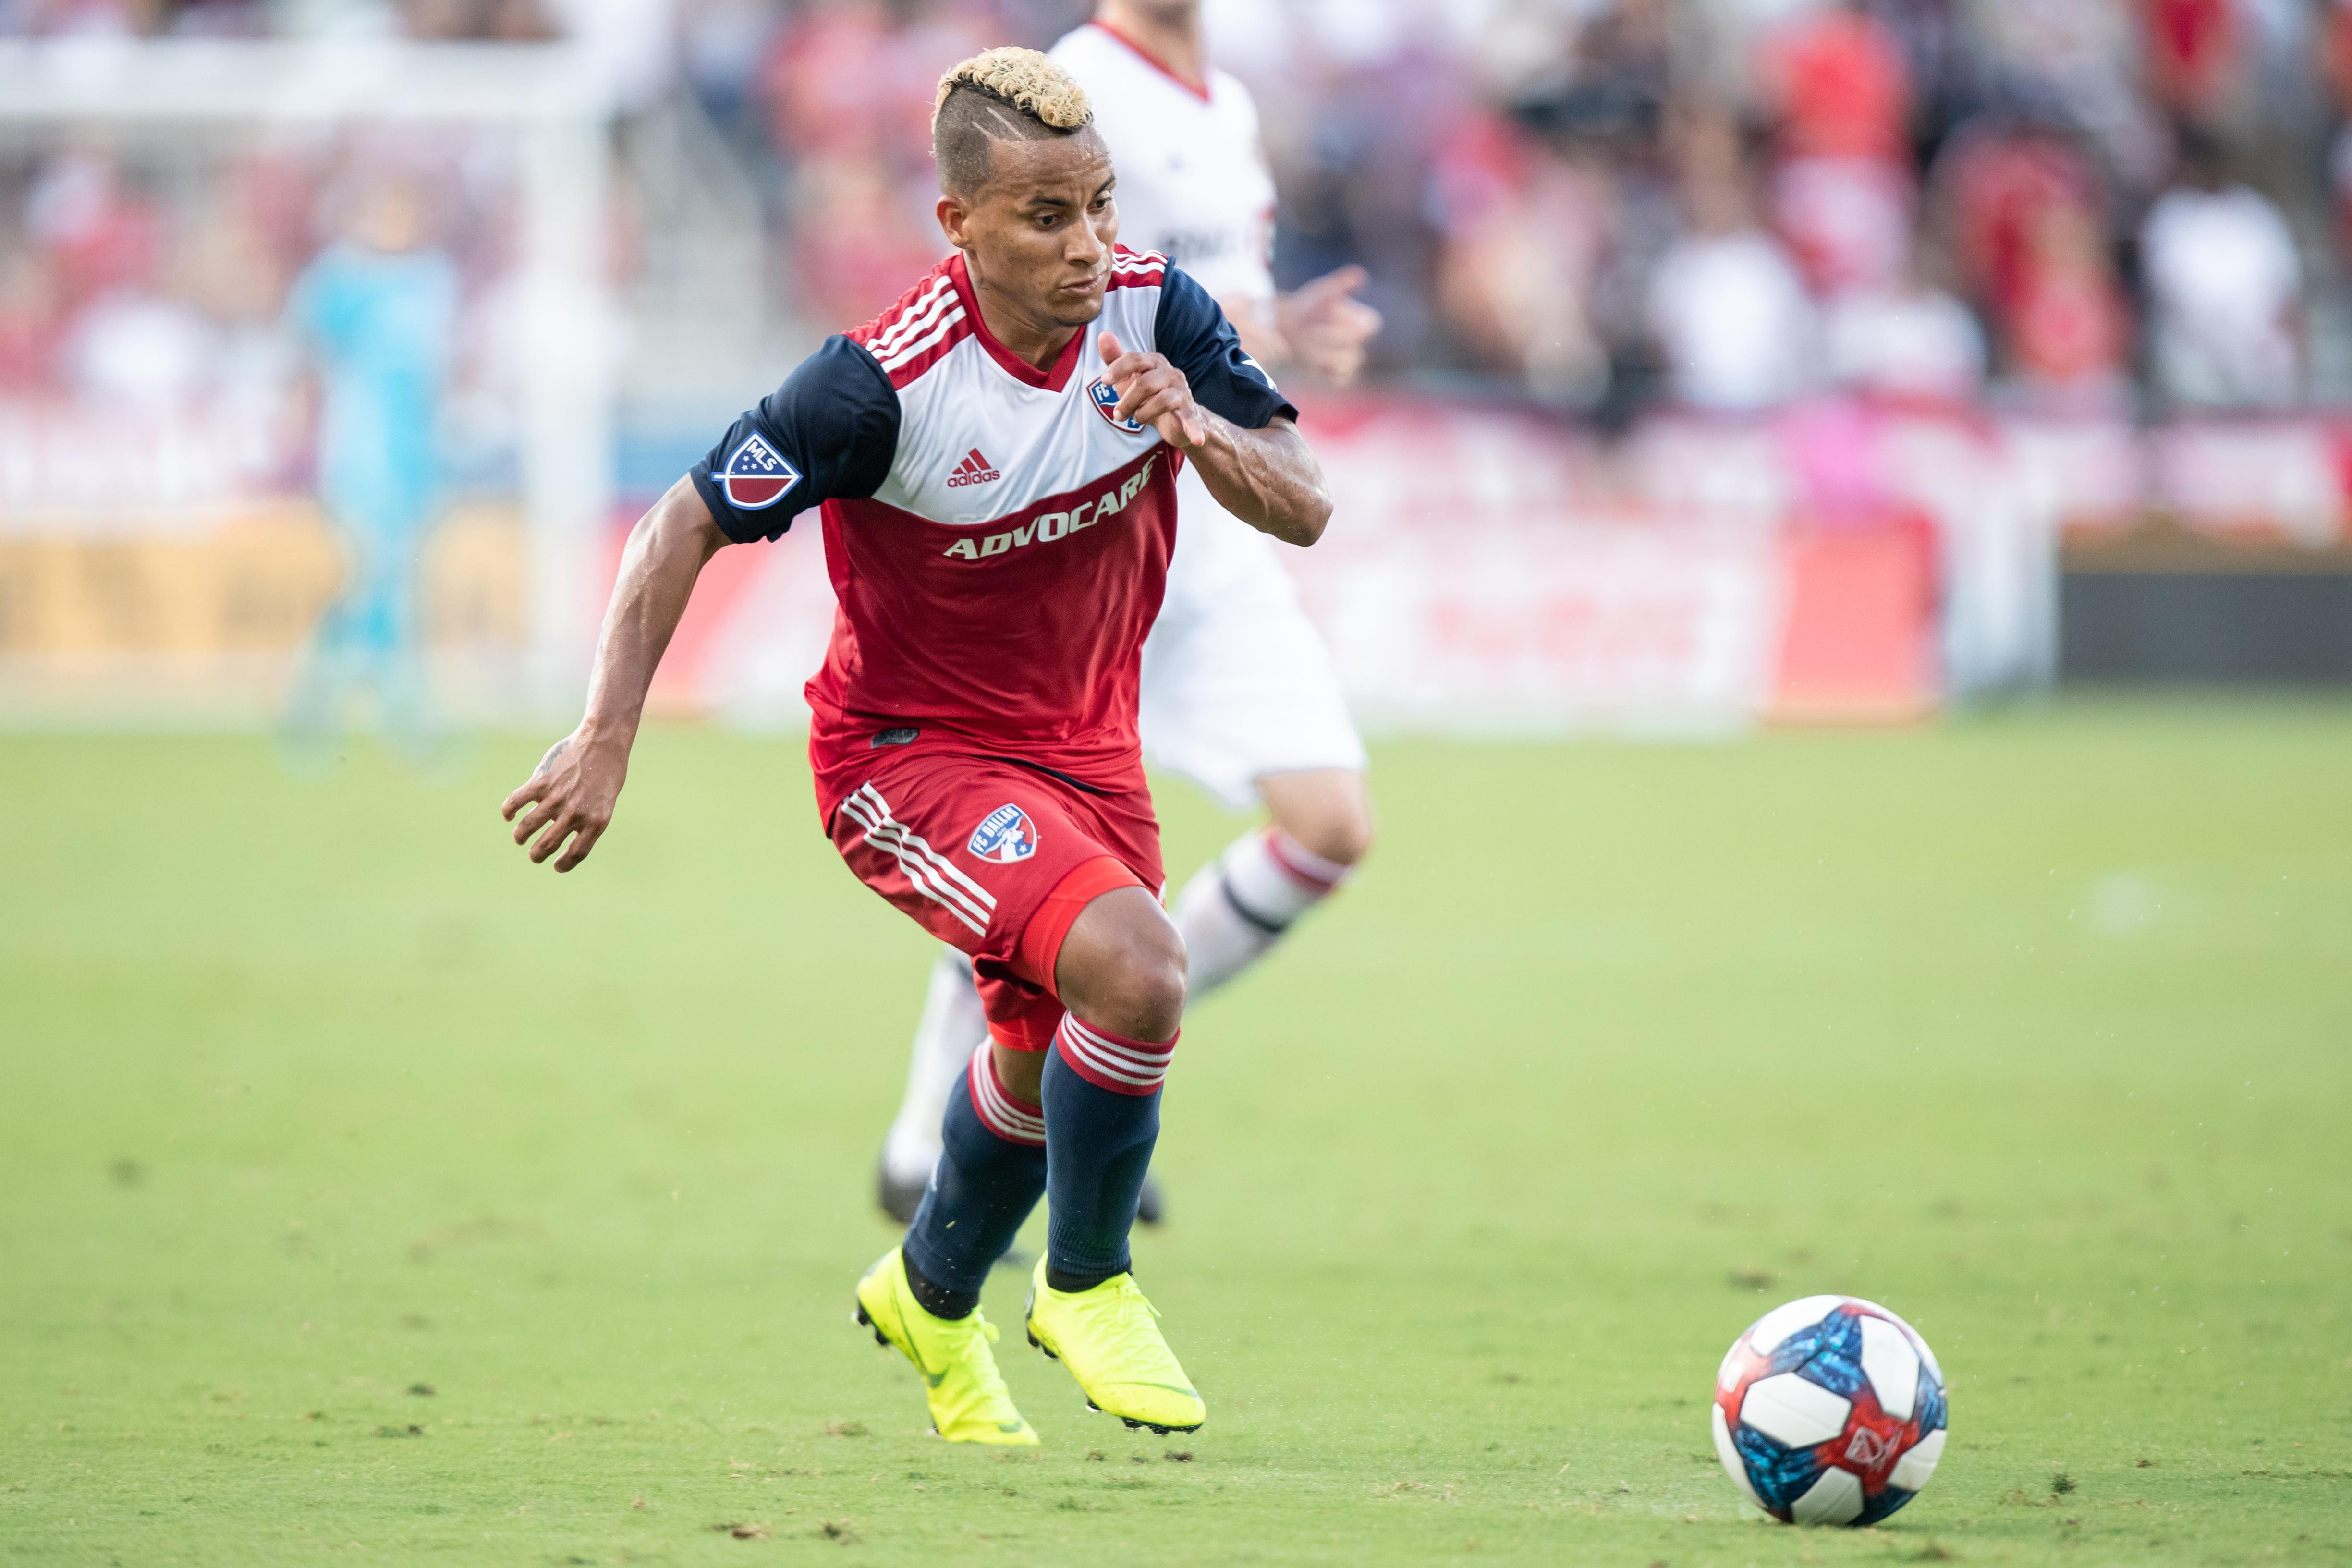 SOCCER: JUN 22 MLS - Toronto at FC Dallas